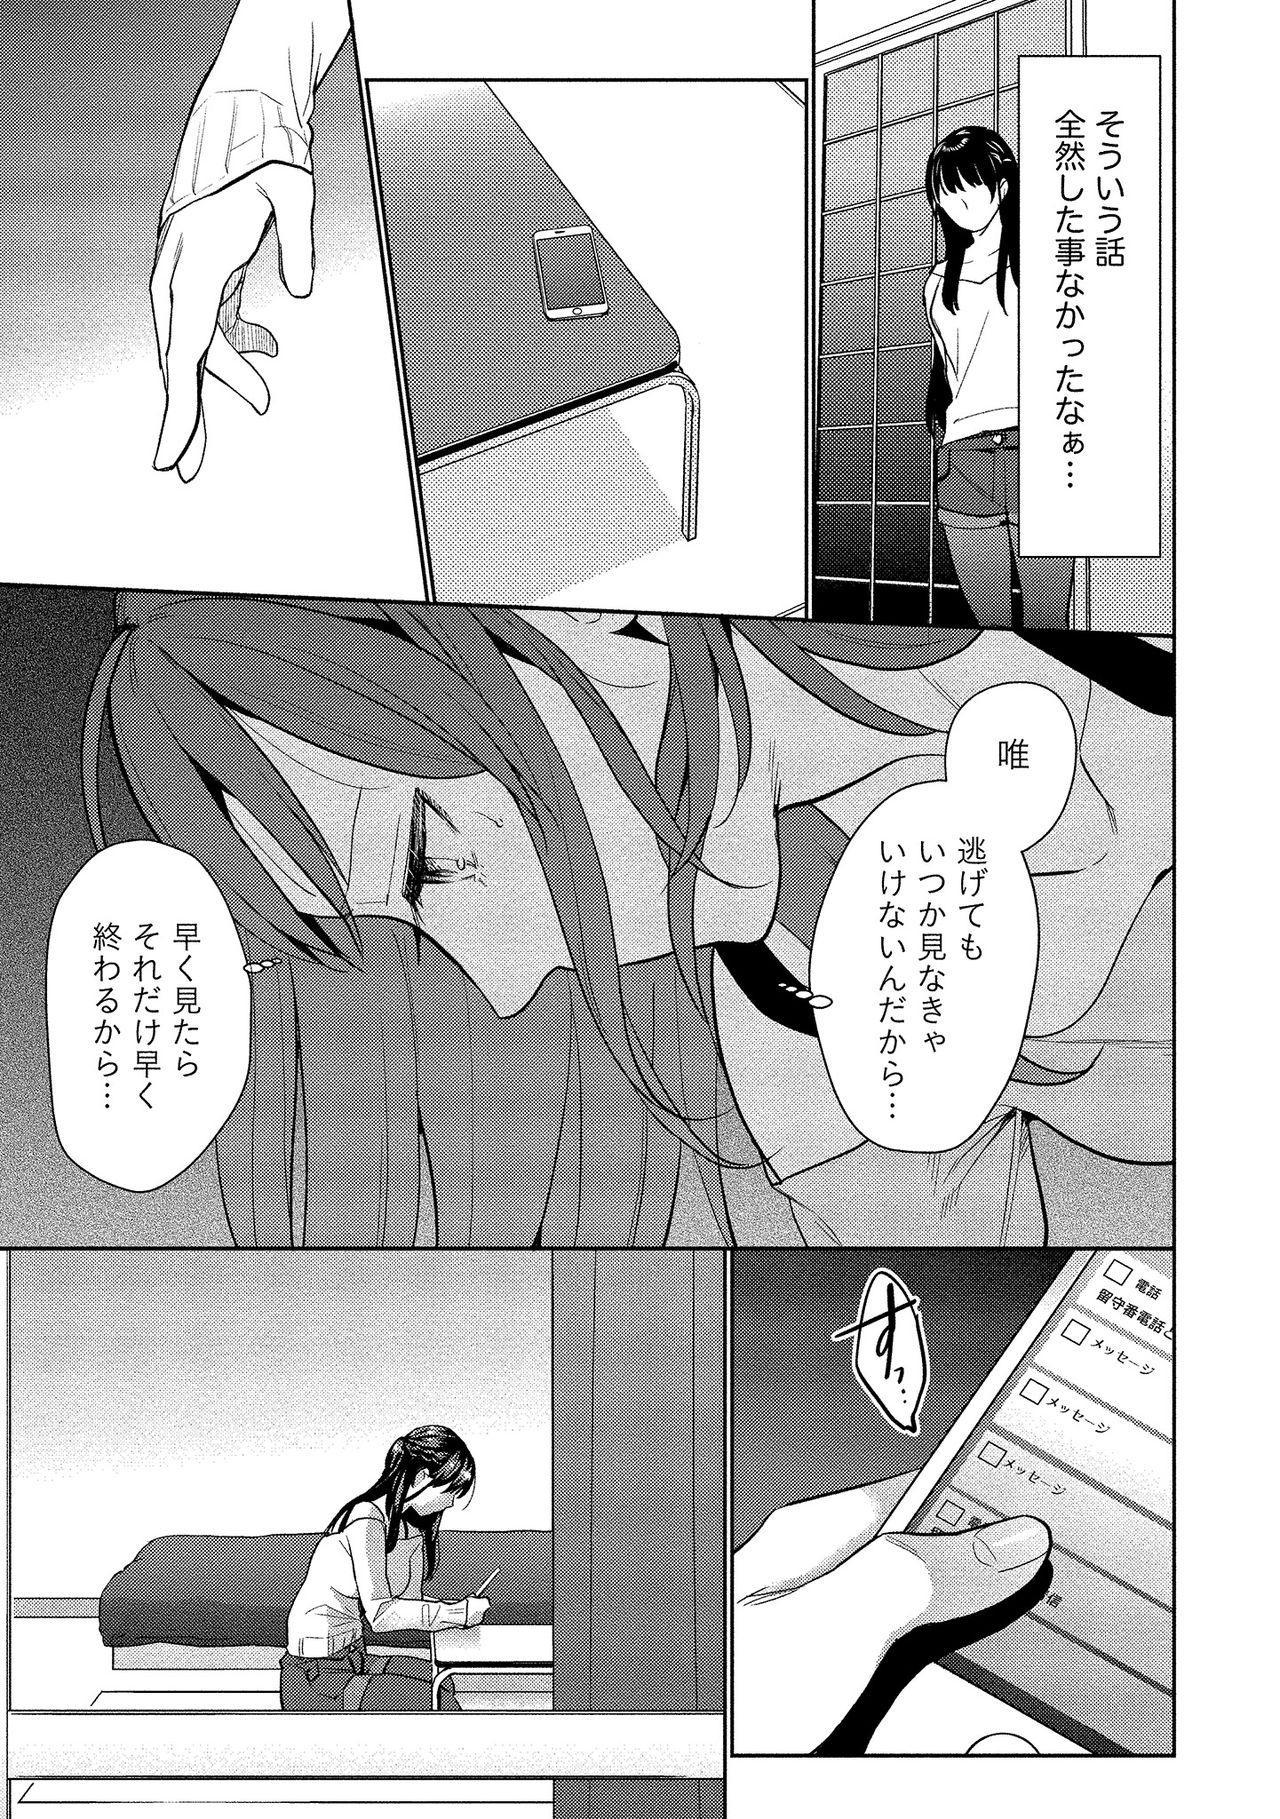 Dorobou Neko wa Kanojo no Hajimari 135